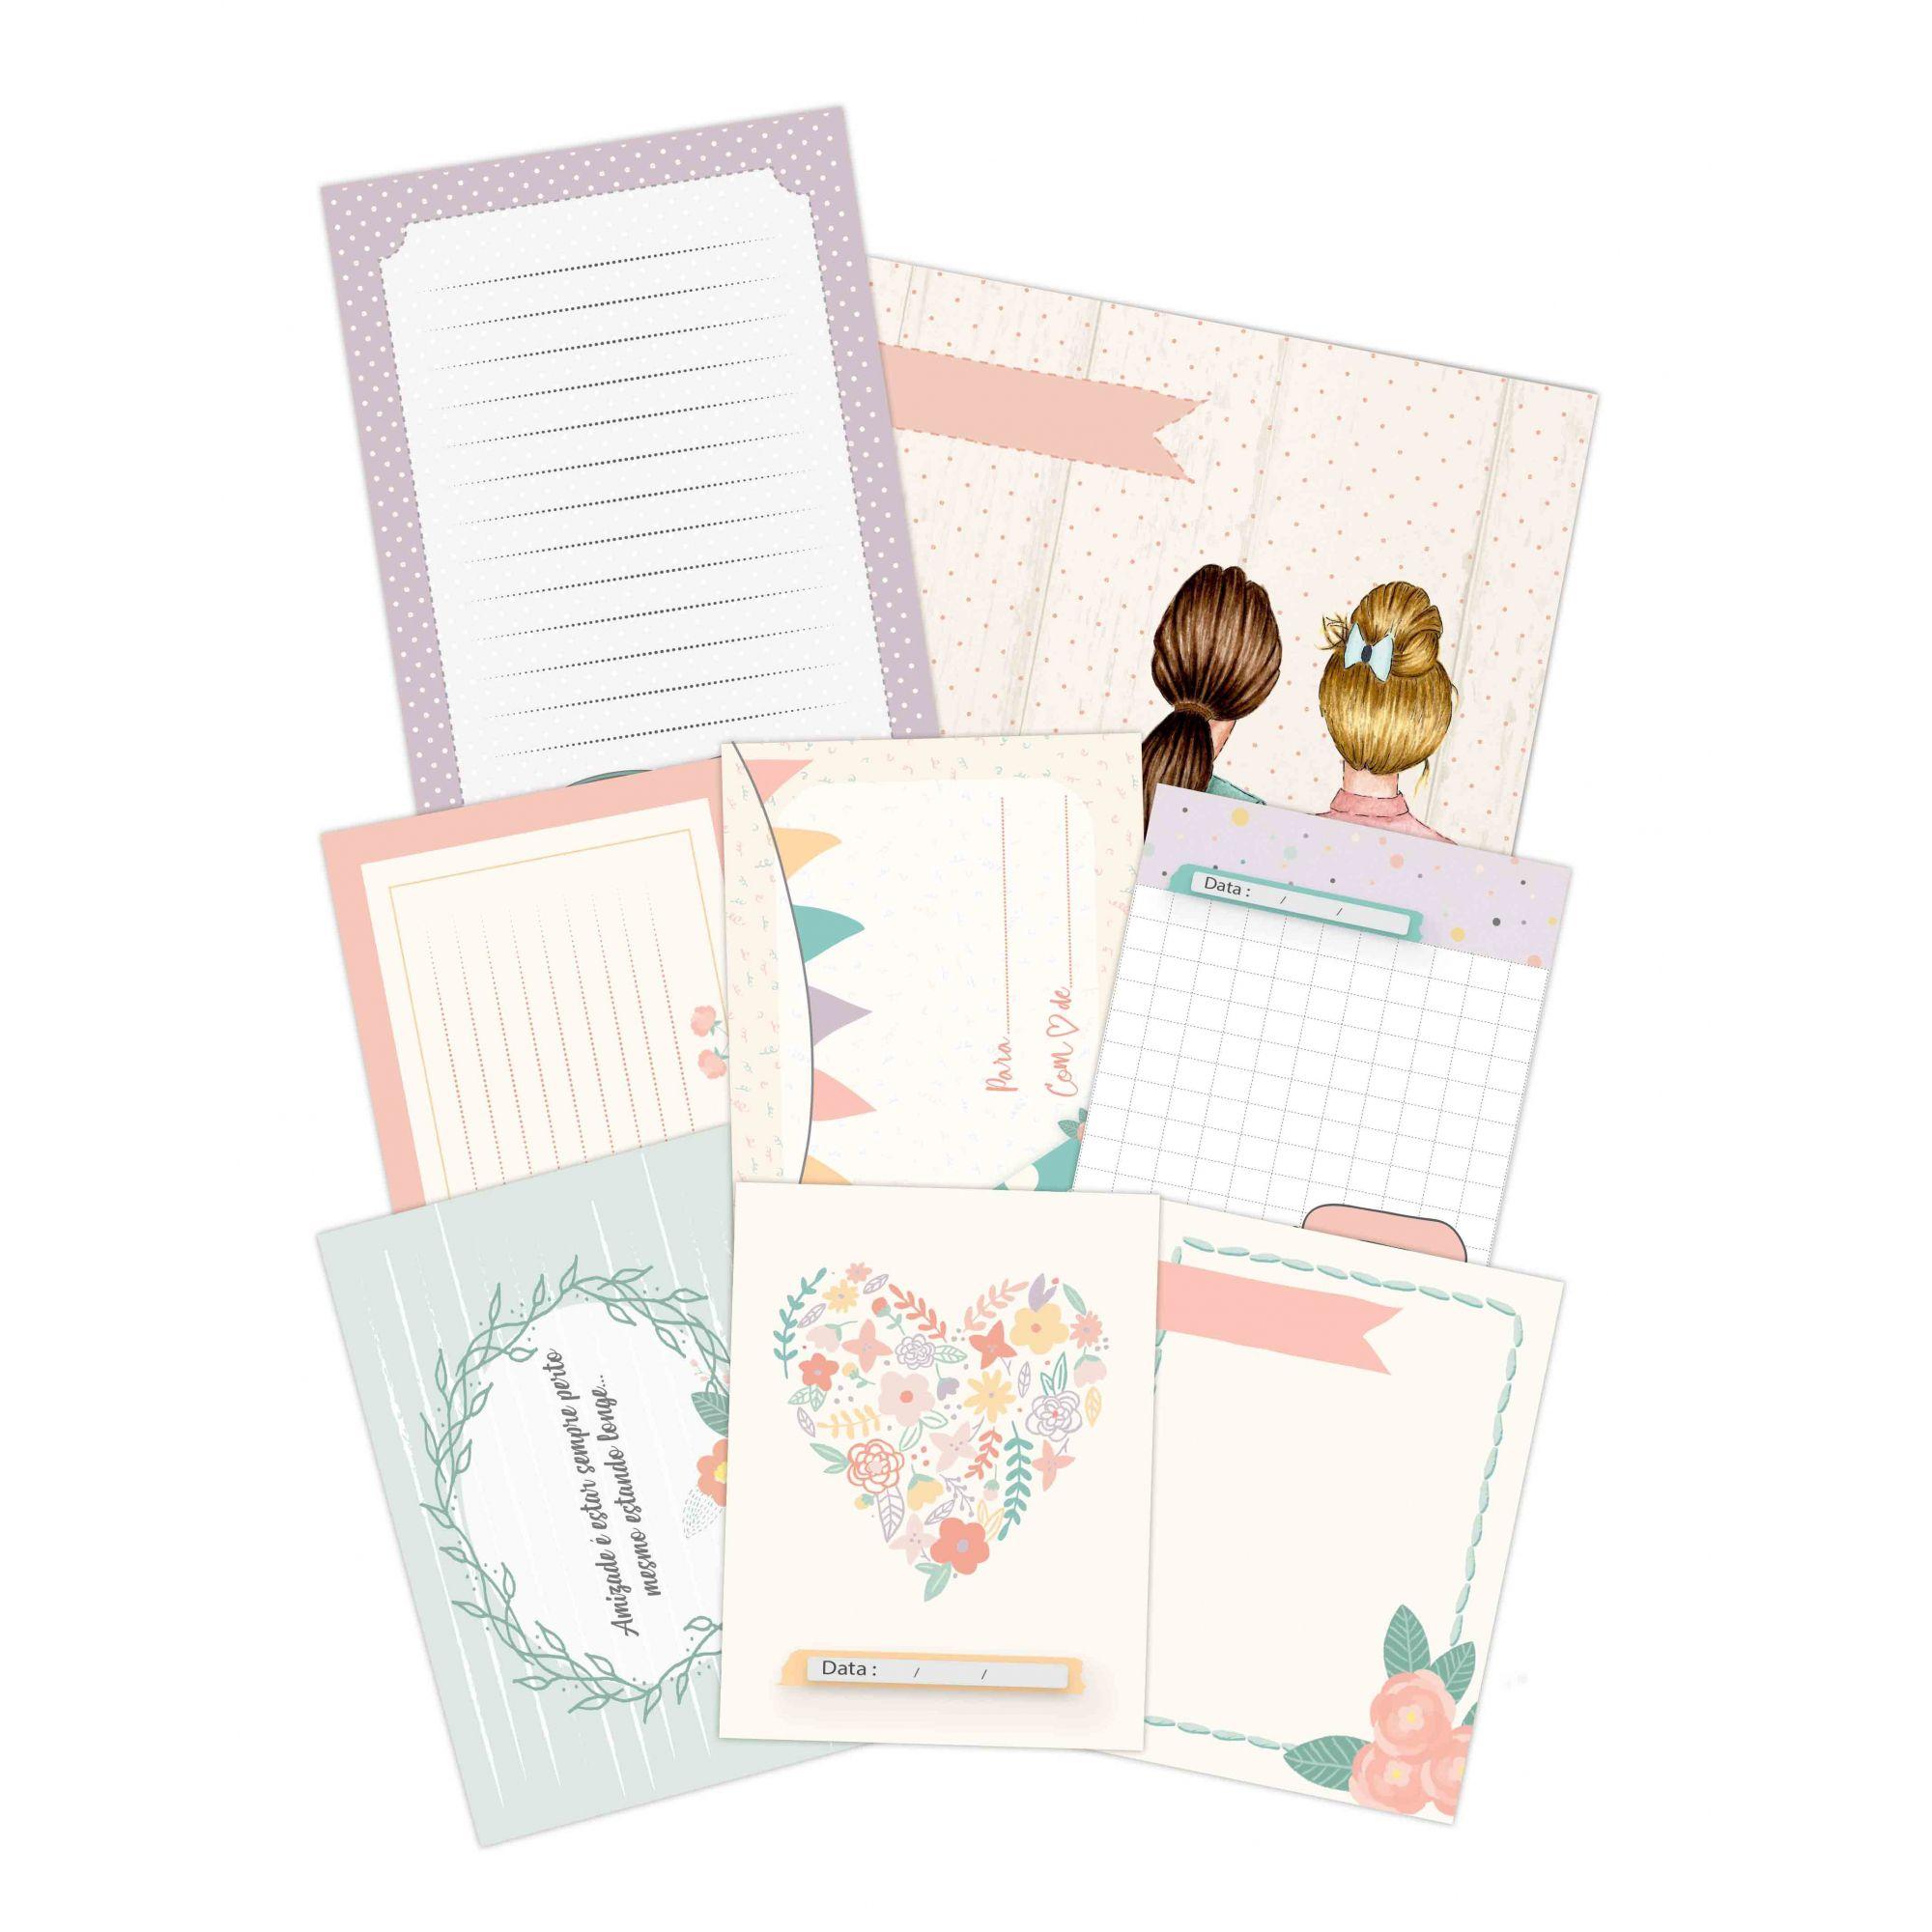 Cards Amizade - Coleção Amizade é Tudo - JuJu Scrapbook  - JuJu Scrapbook